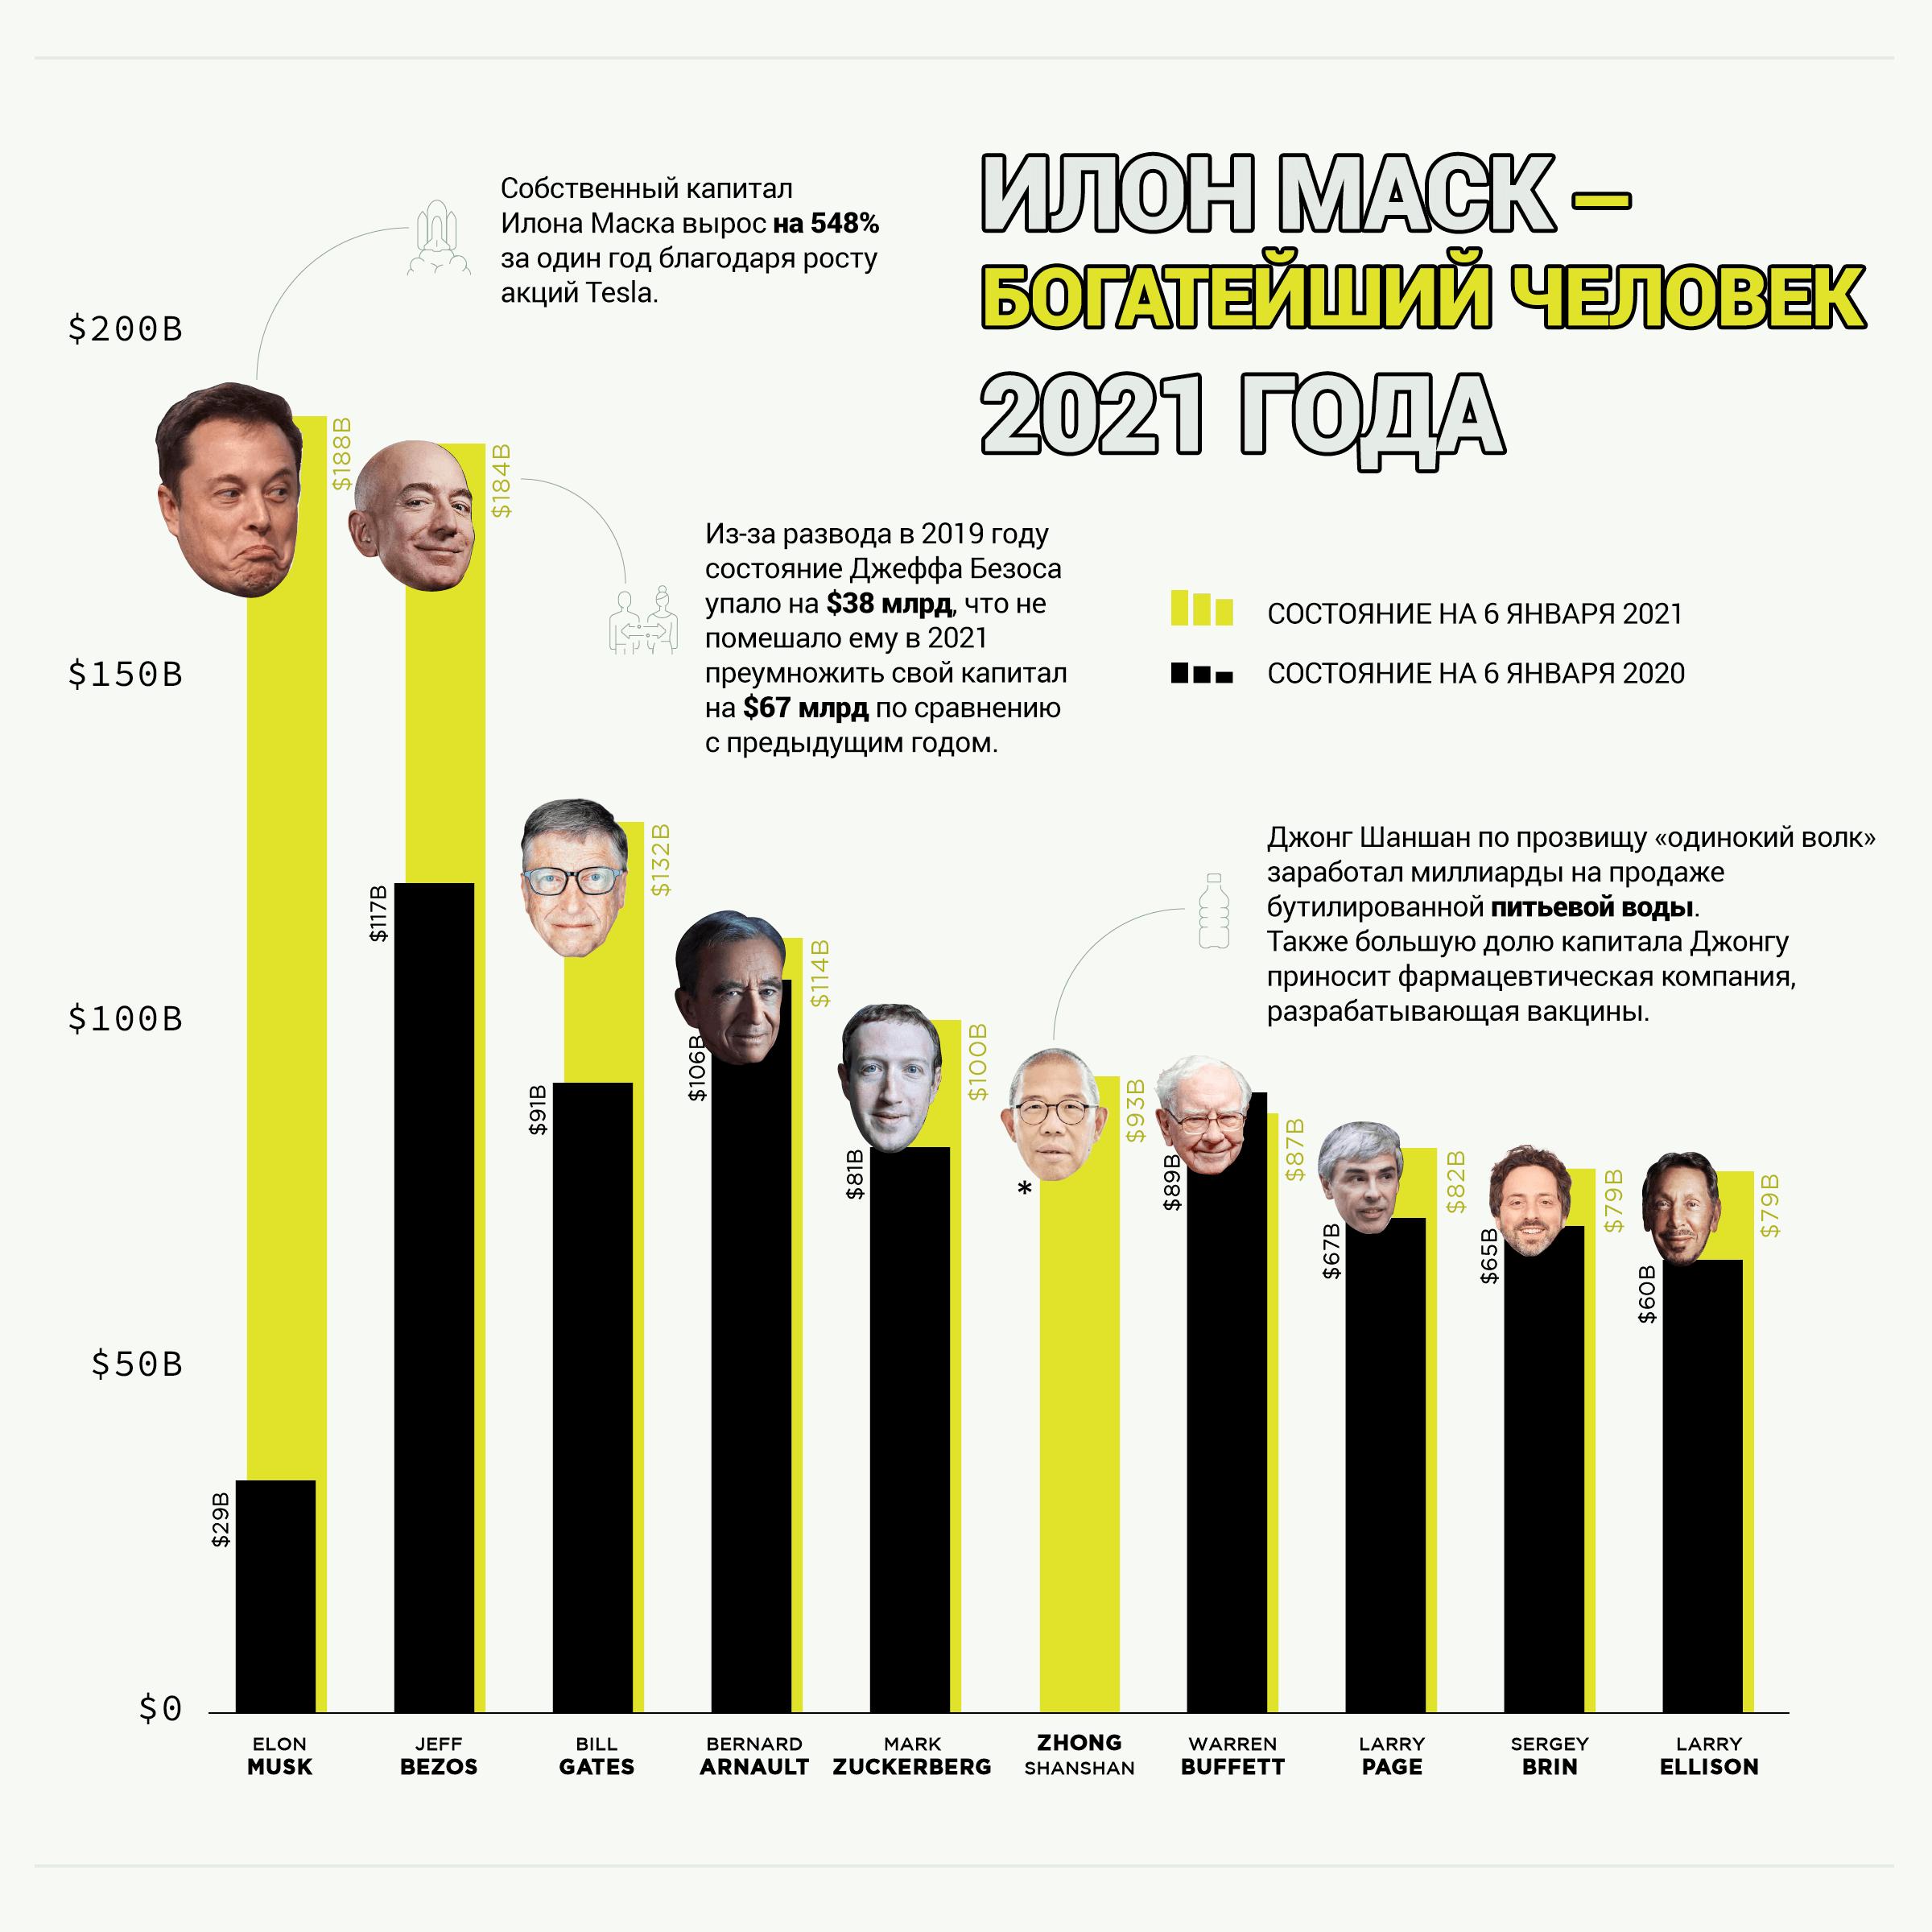 Инфографика: Богатейшие люди 2021 года